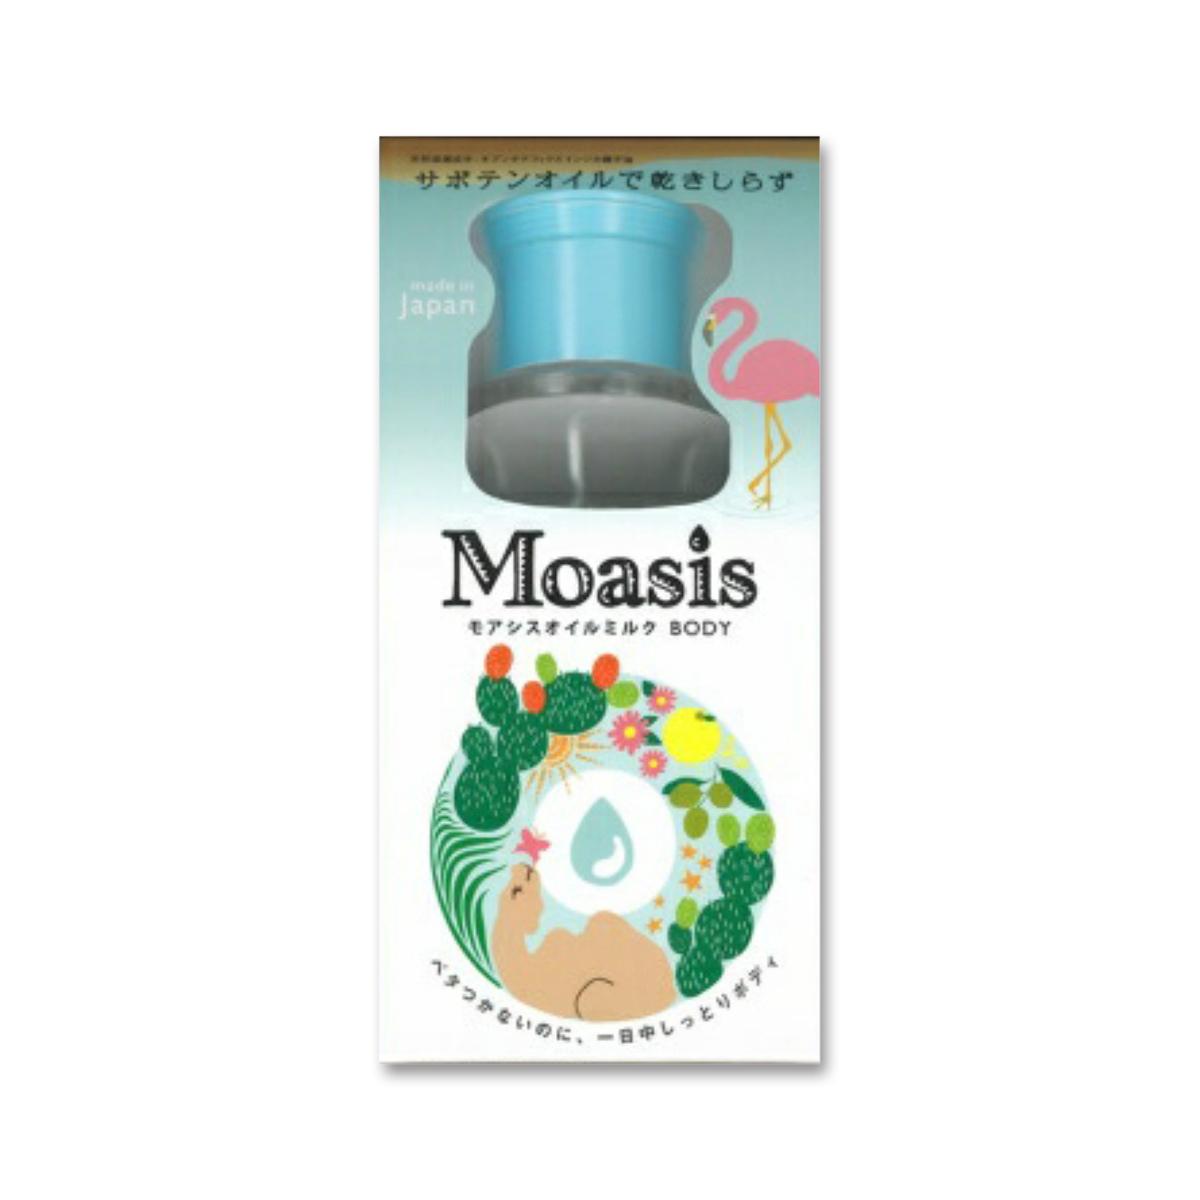 【送料無料・まとめ買い×048】ペリカン モアシスオイルミルク BODY 100g ×048点セット(4976631308845)